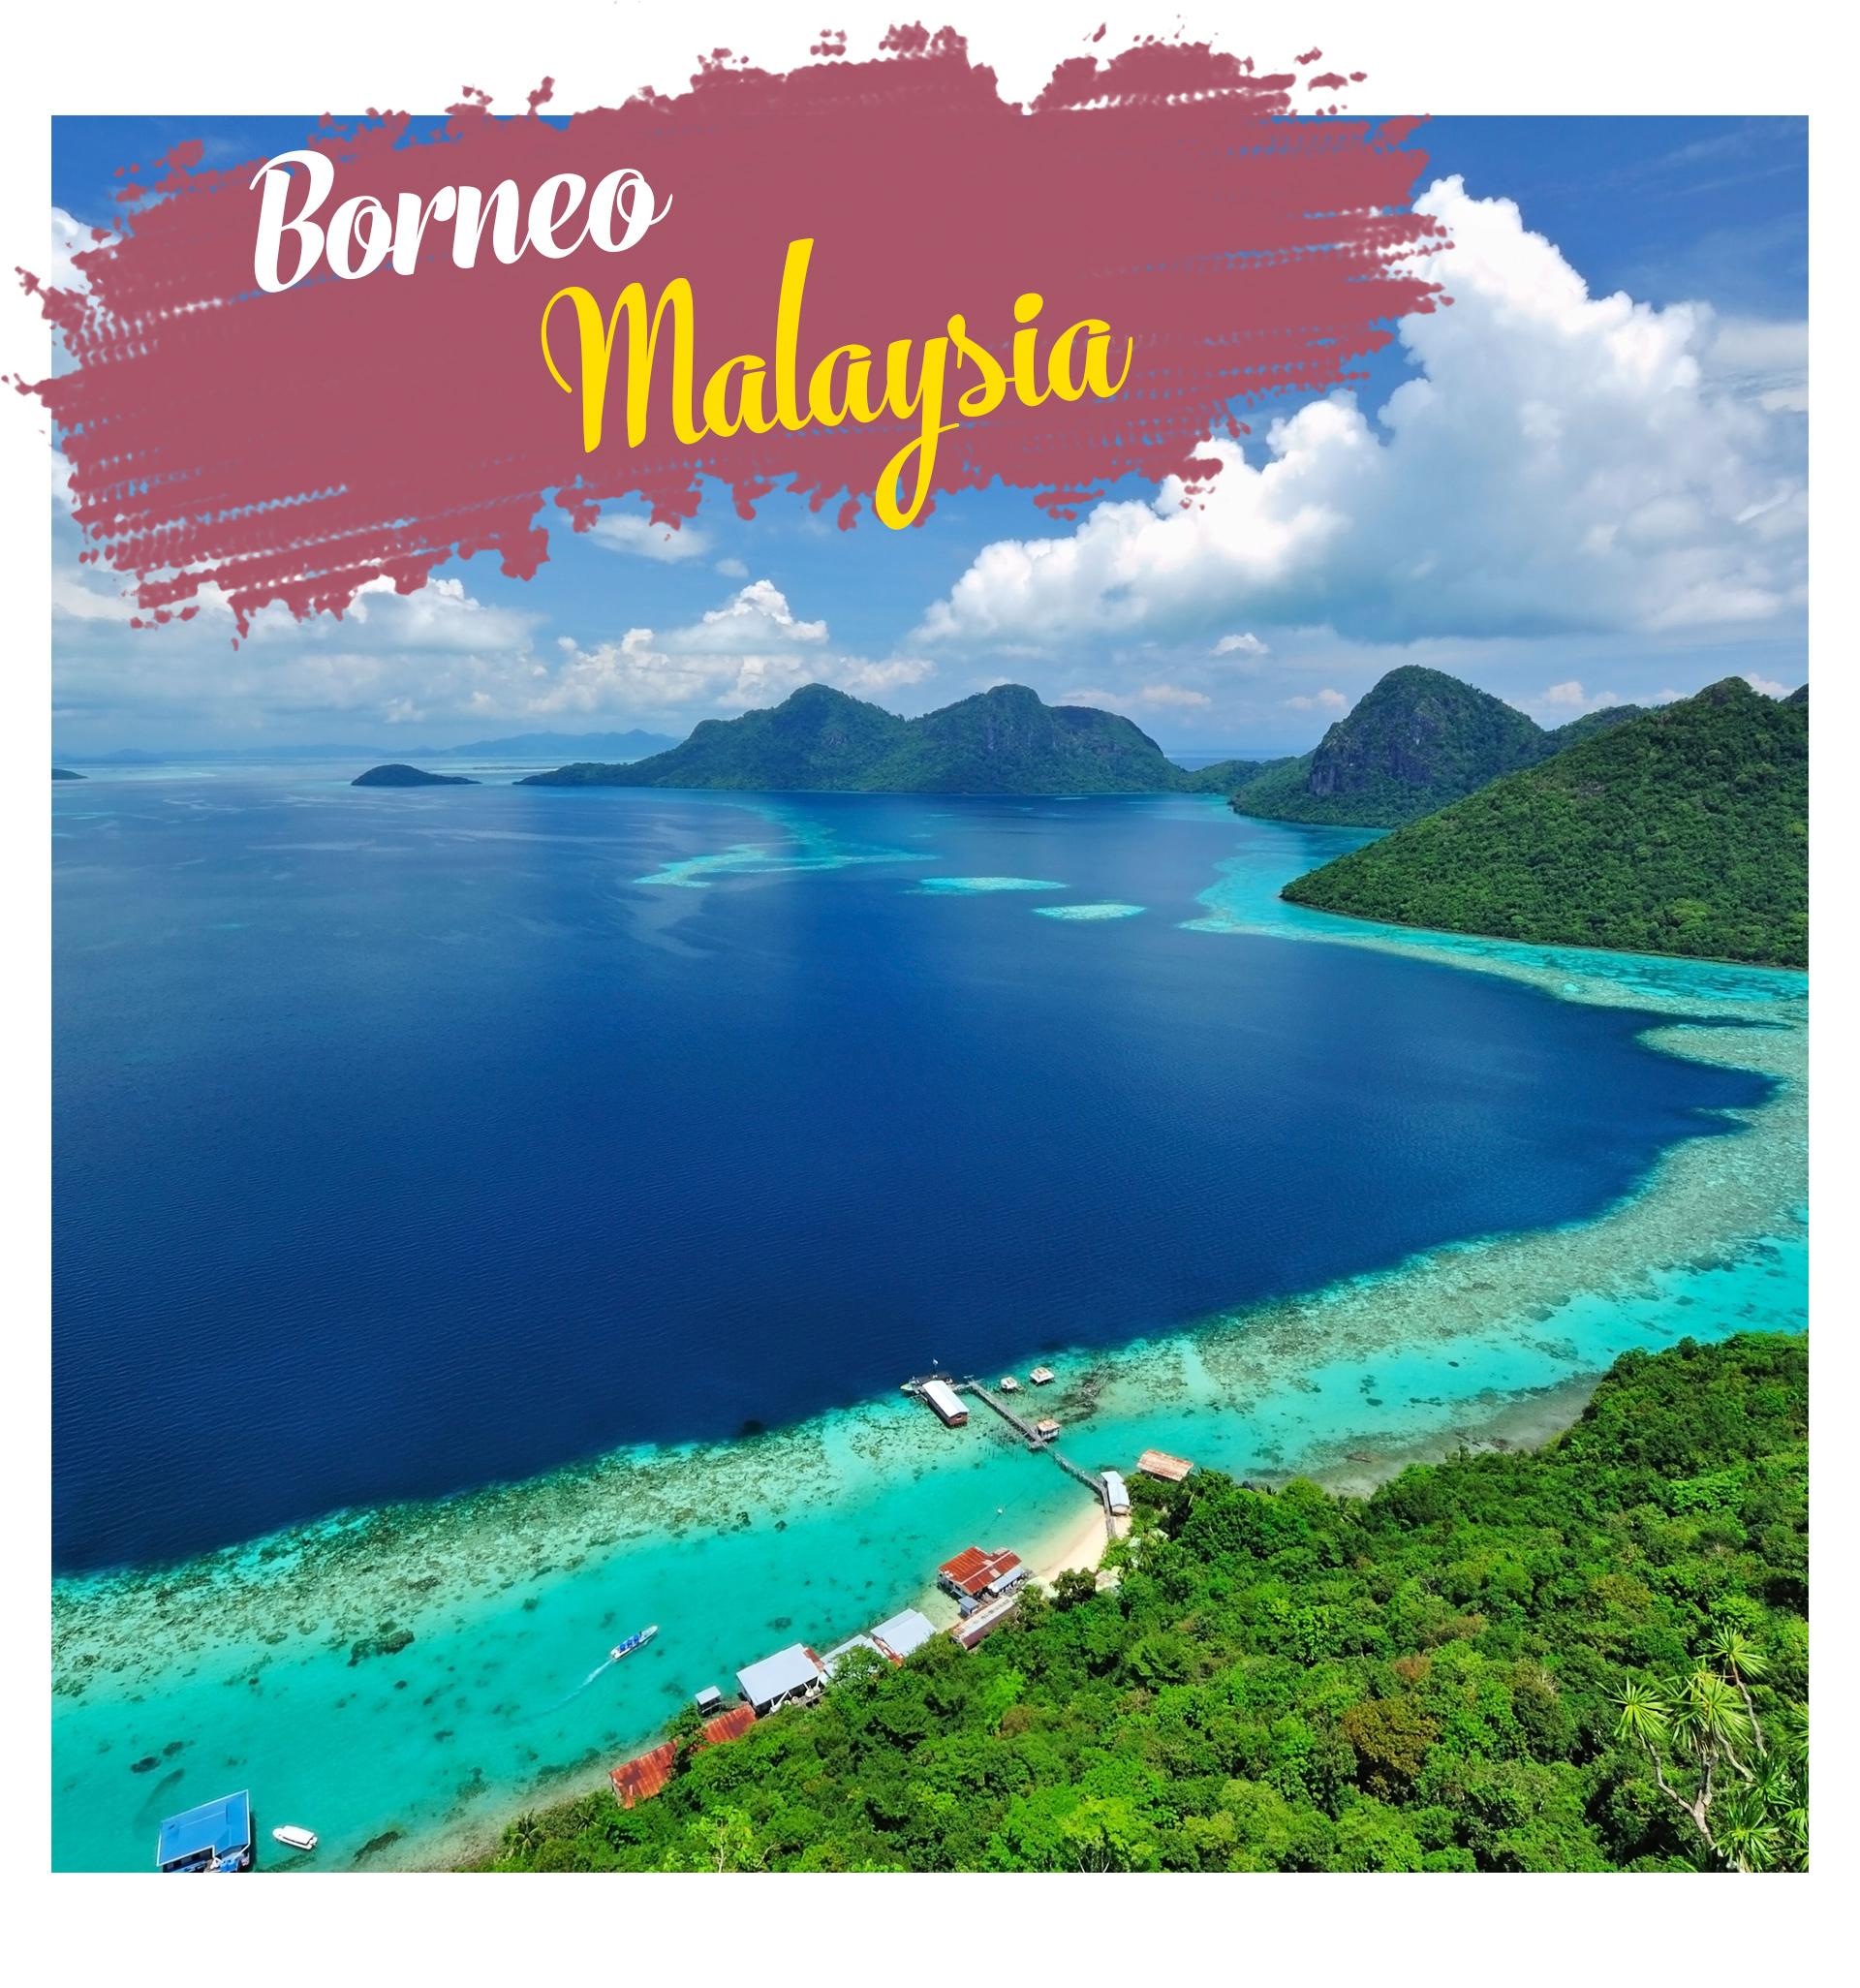 12 trải nghiệm mùa hè cực thú vị và ấn tượng ở Đông Nam Á - 9